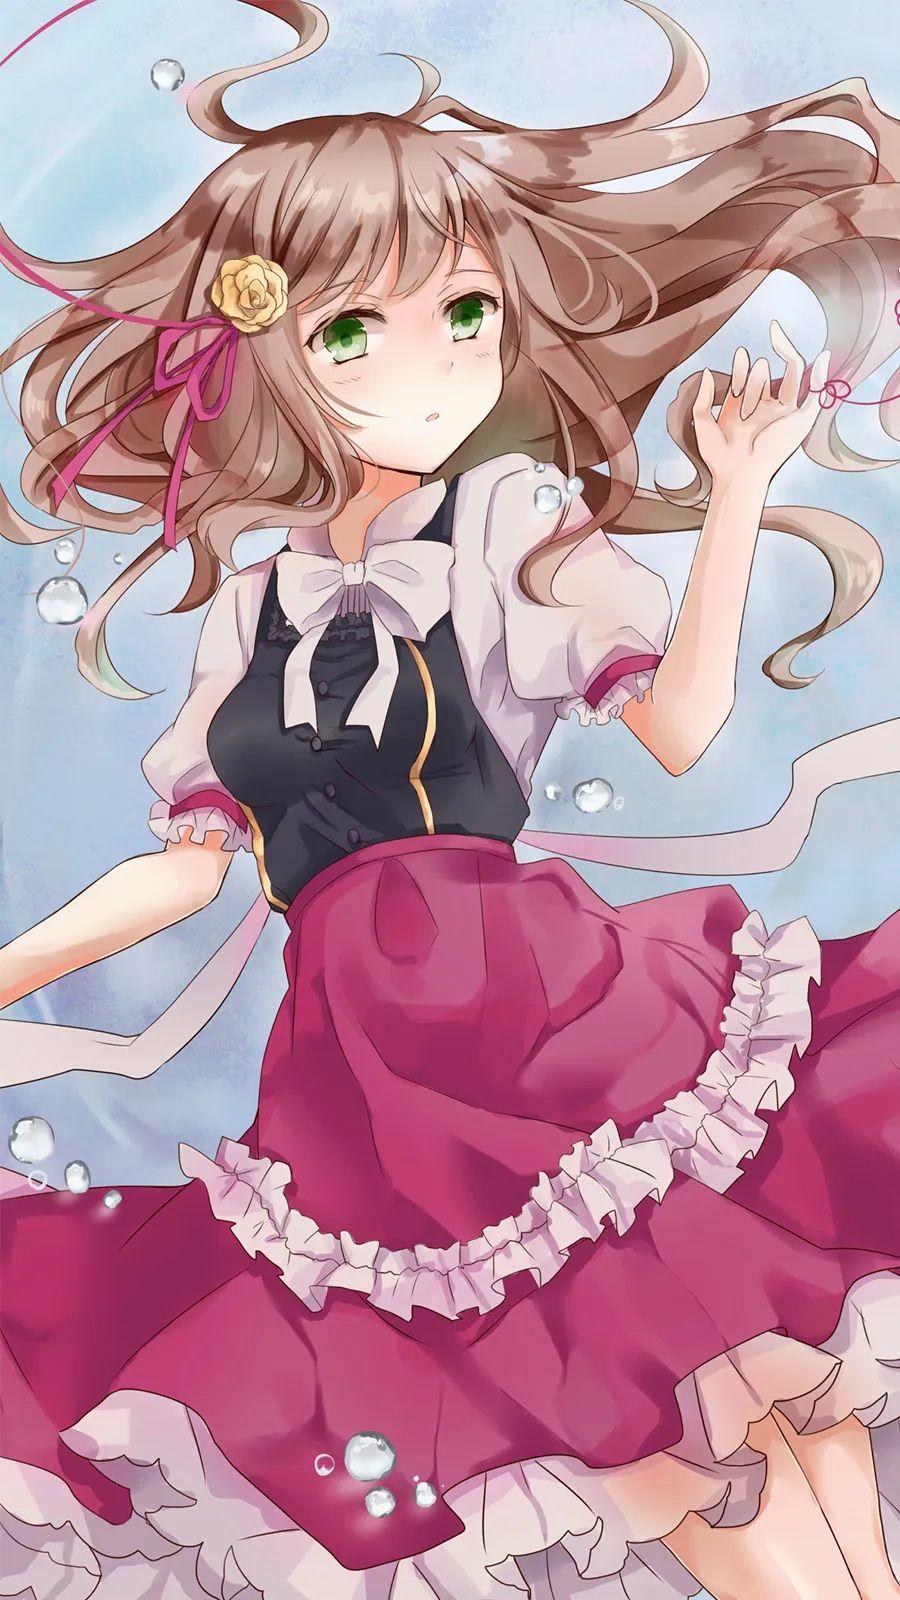 【二次元动漫壁纸】心形开口的童贞毛衣,爱了爱了_图片 No.24